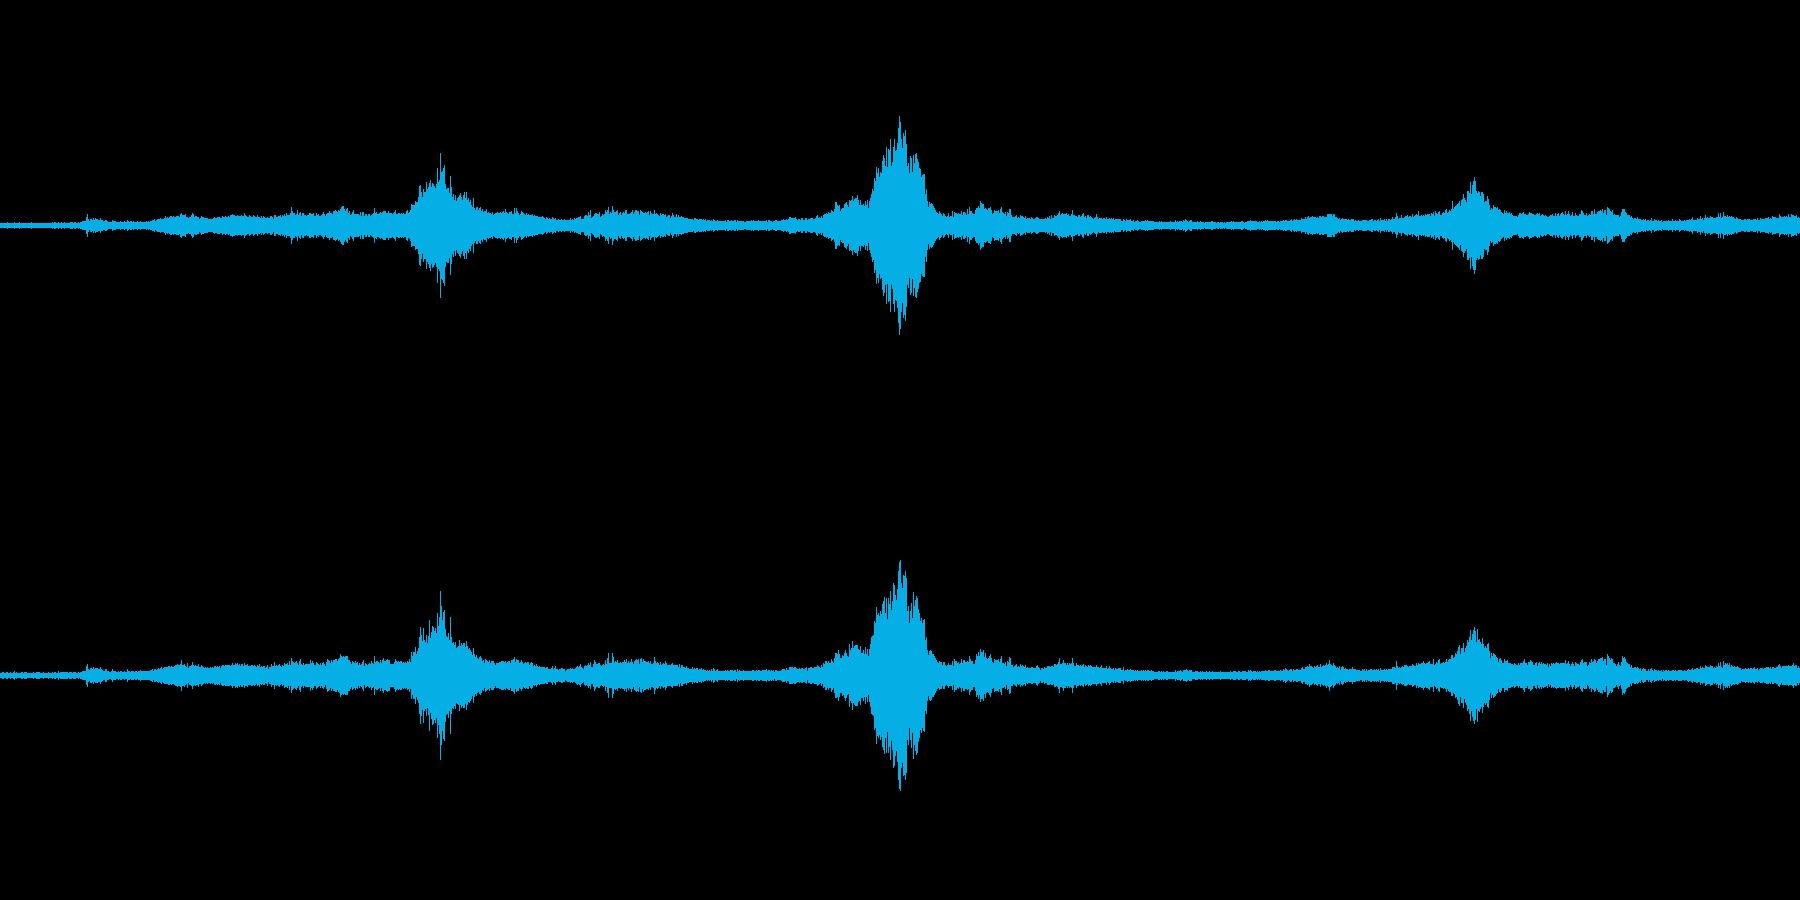 【生音】雷12 - 風と雷と通行音の再生済みの波形